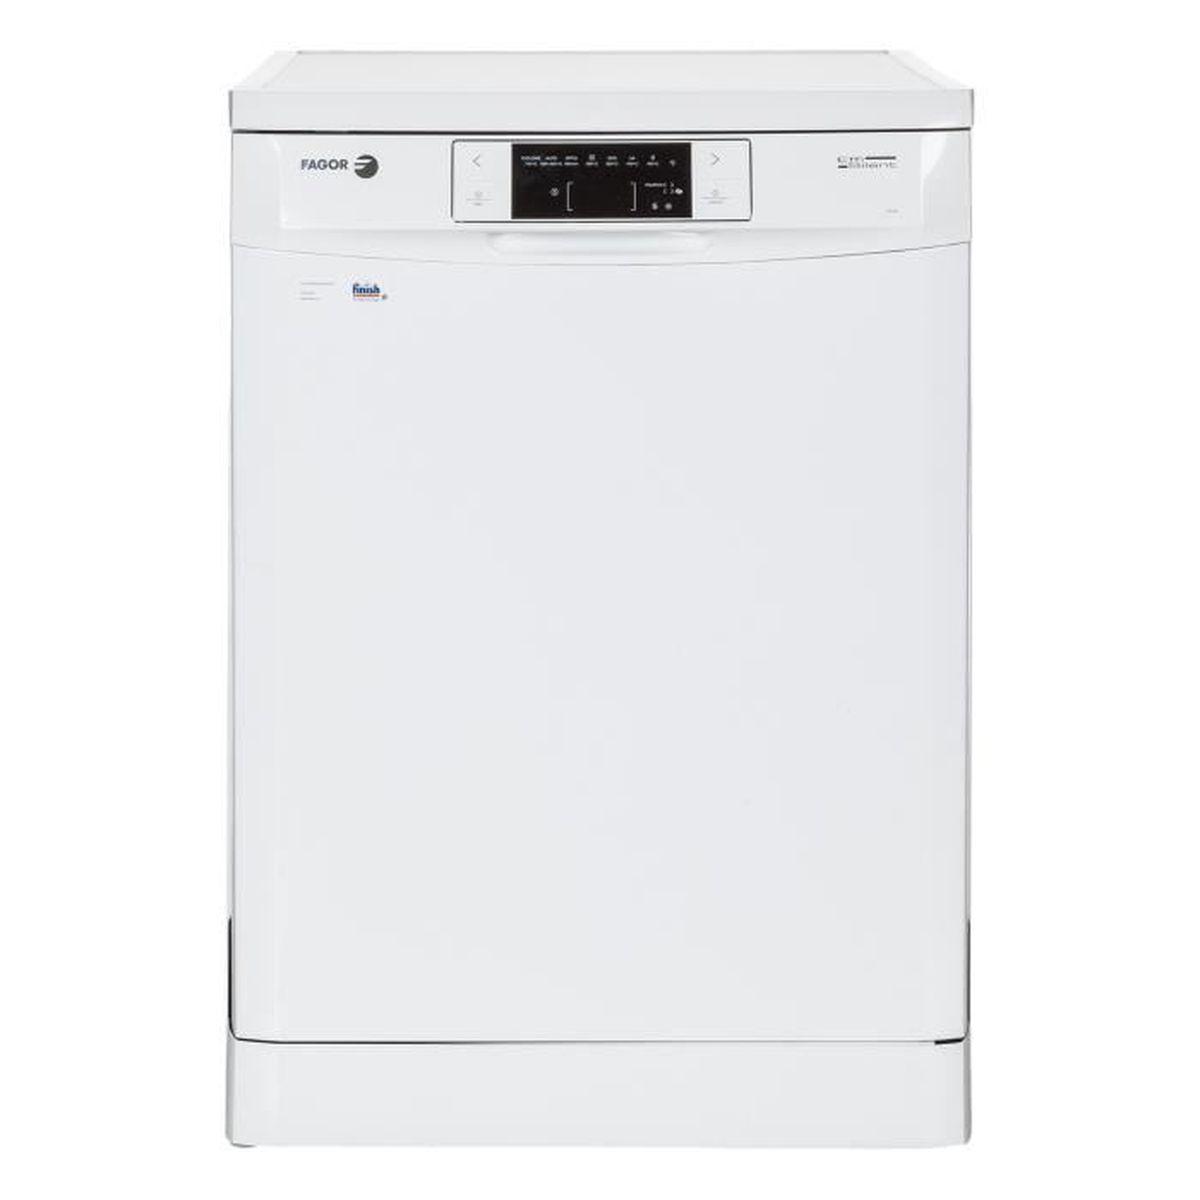 lave-vaisselle encastrable modèle es38 - fagor - blanc - achat